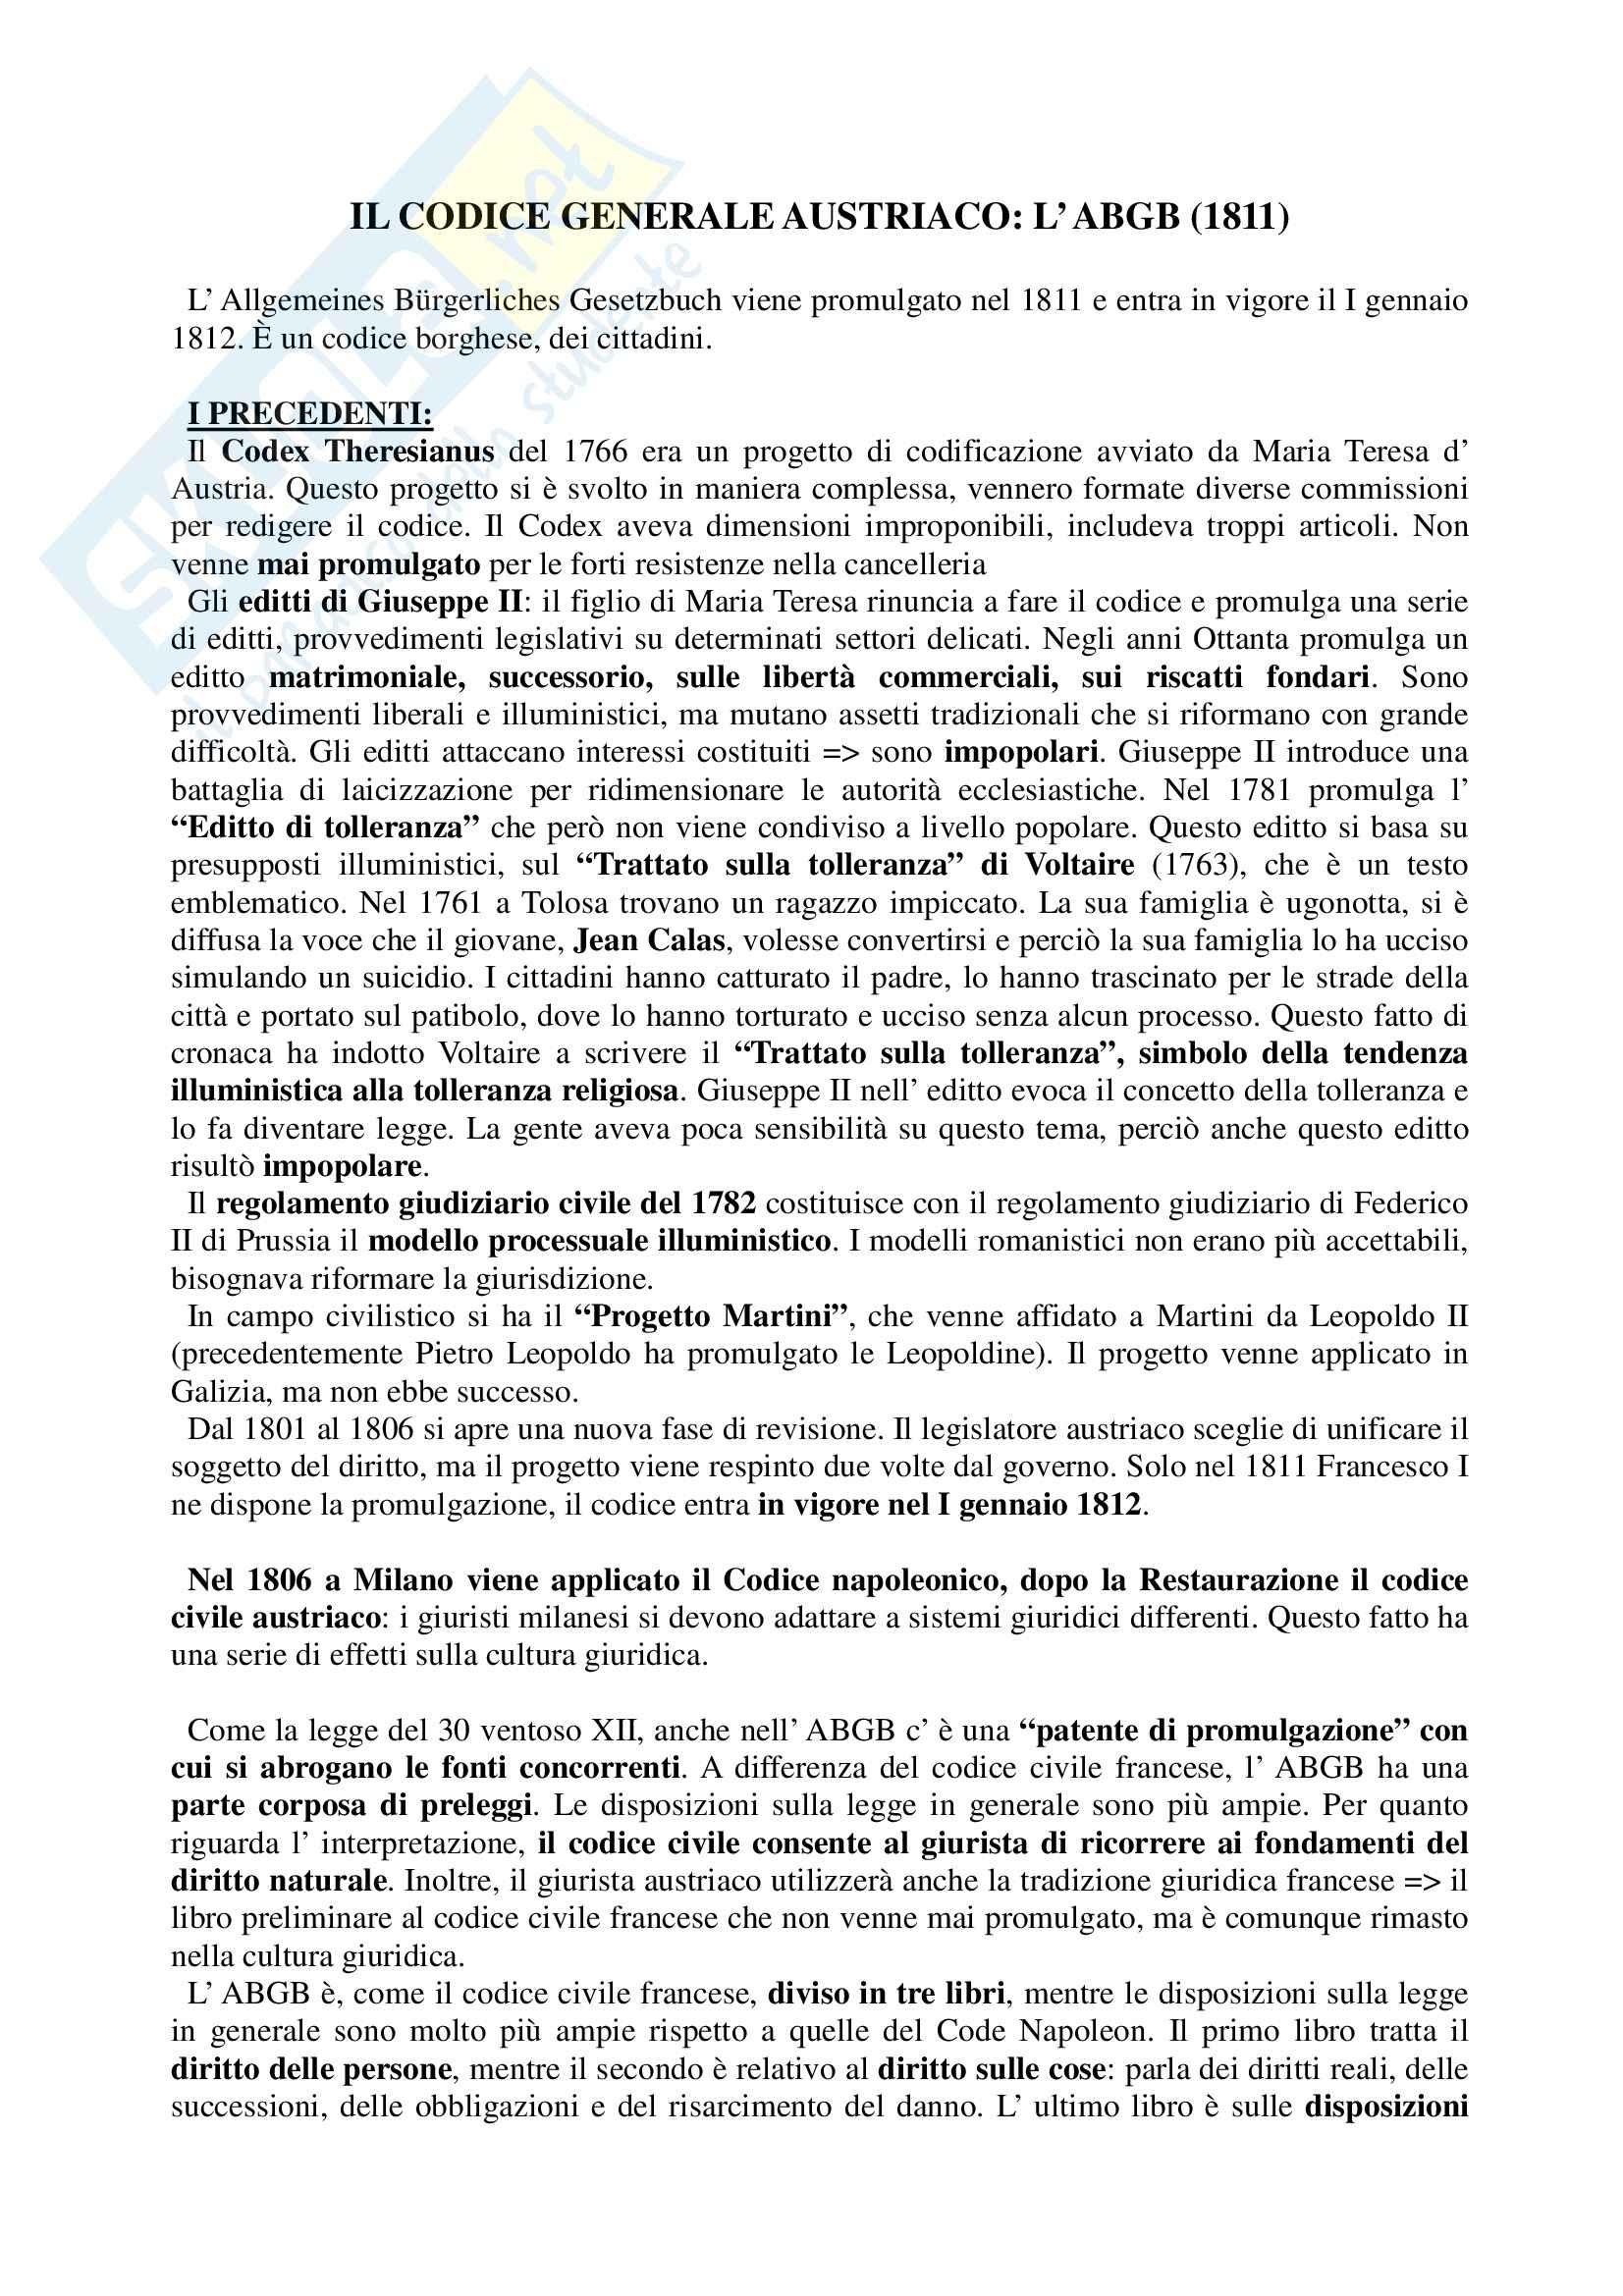 Storia del diritto medievale e moderno - Appunti Pag. 26